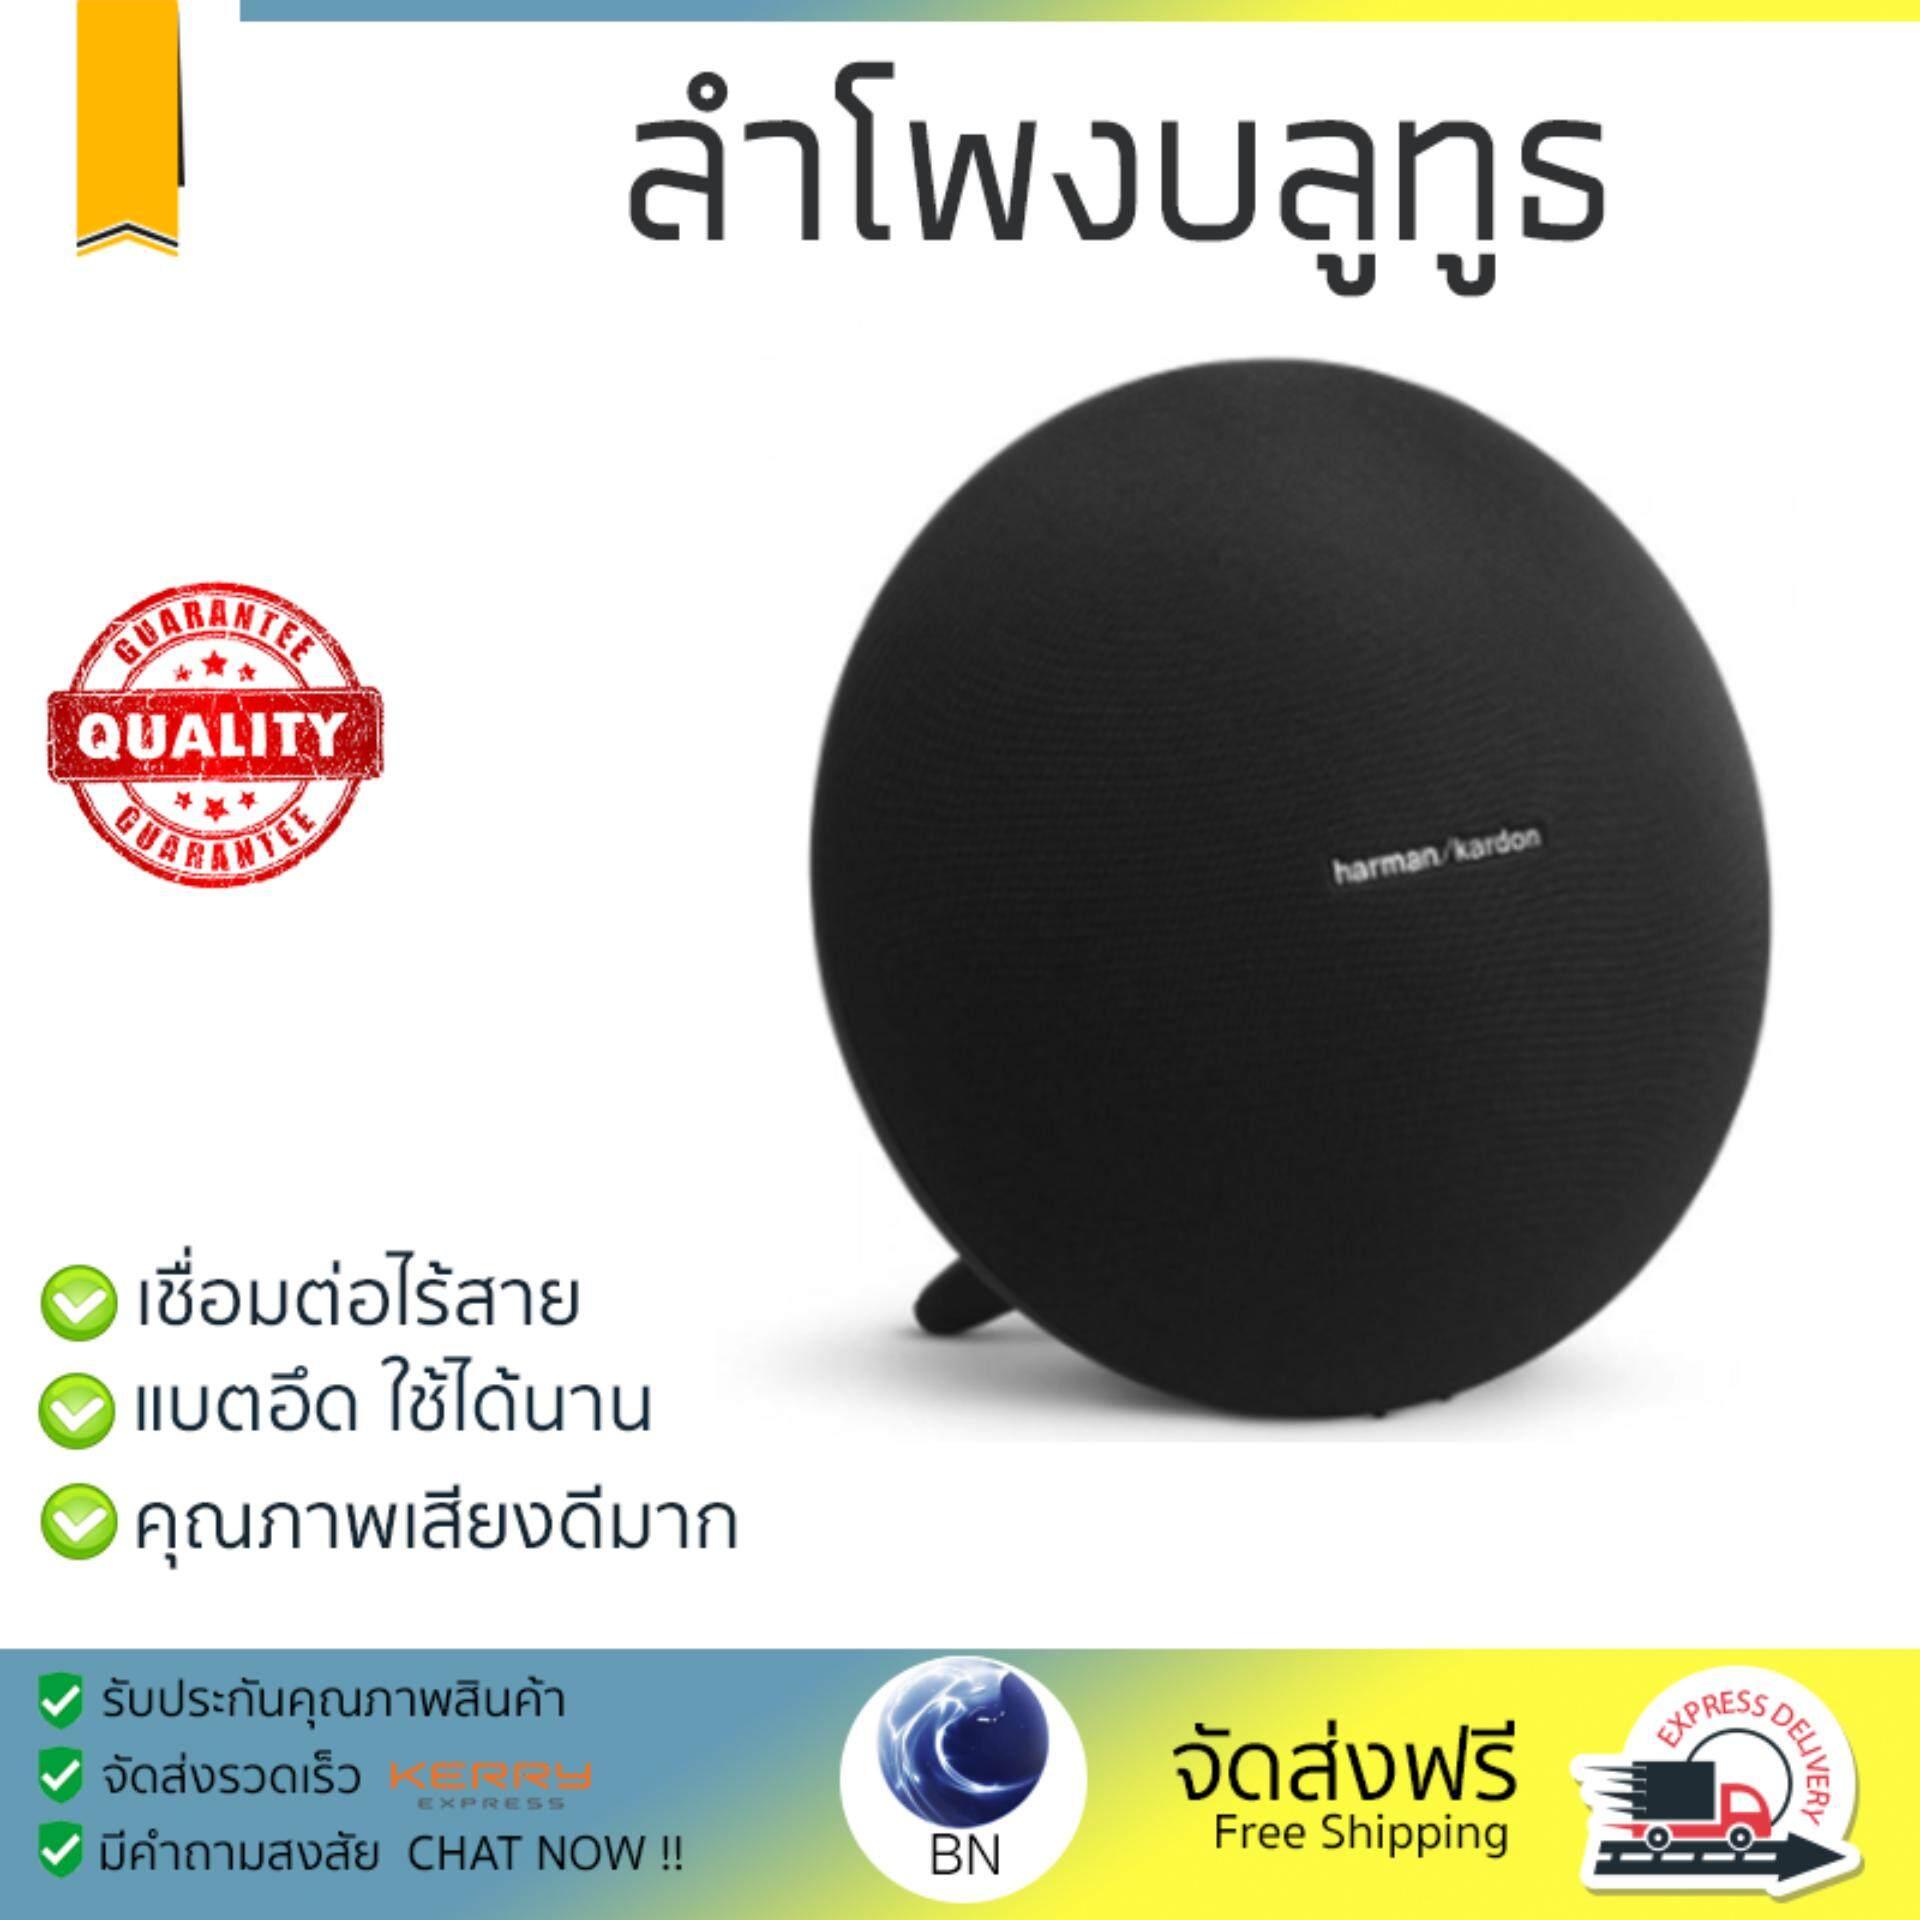 การใช้งาน  พังงา จัดส่งฟรี ลำโพงบลูทูธ  Harman Kardon Bluetooth Speaker 2.1 Onyx Studio4 Black เสียงใส คุณภาพเกินตัว Wireless Bluetooth Speaker รับประกัน 1 ปี